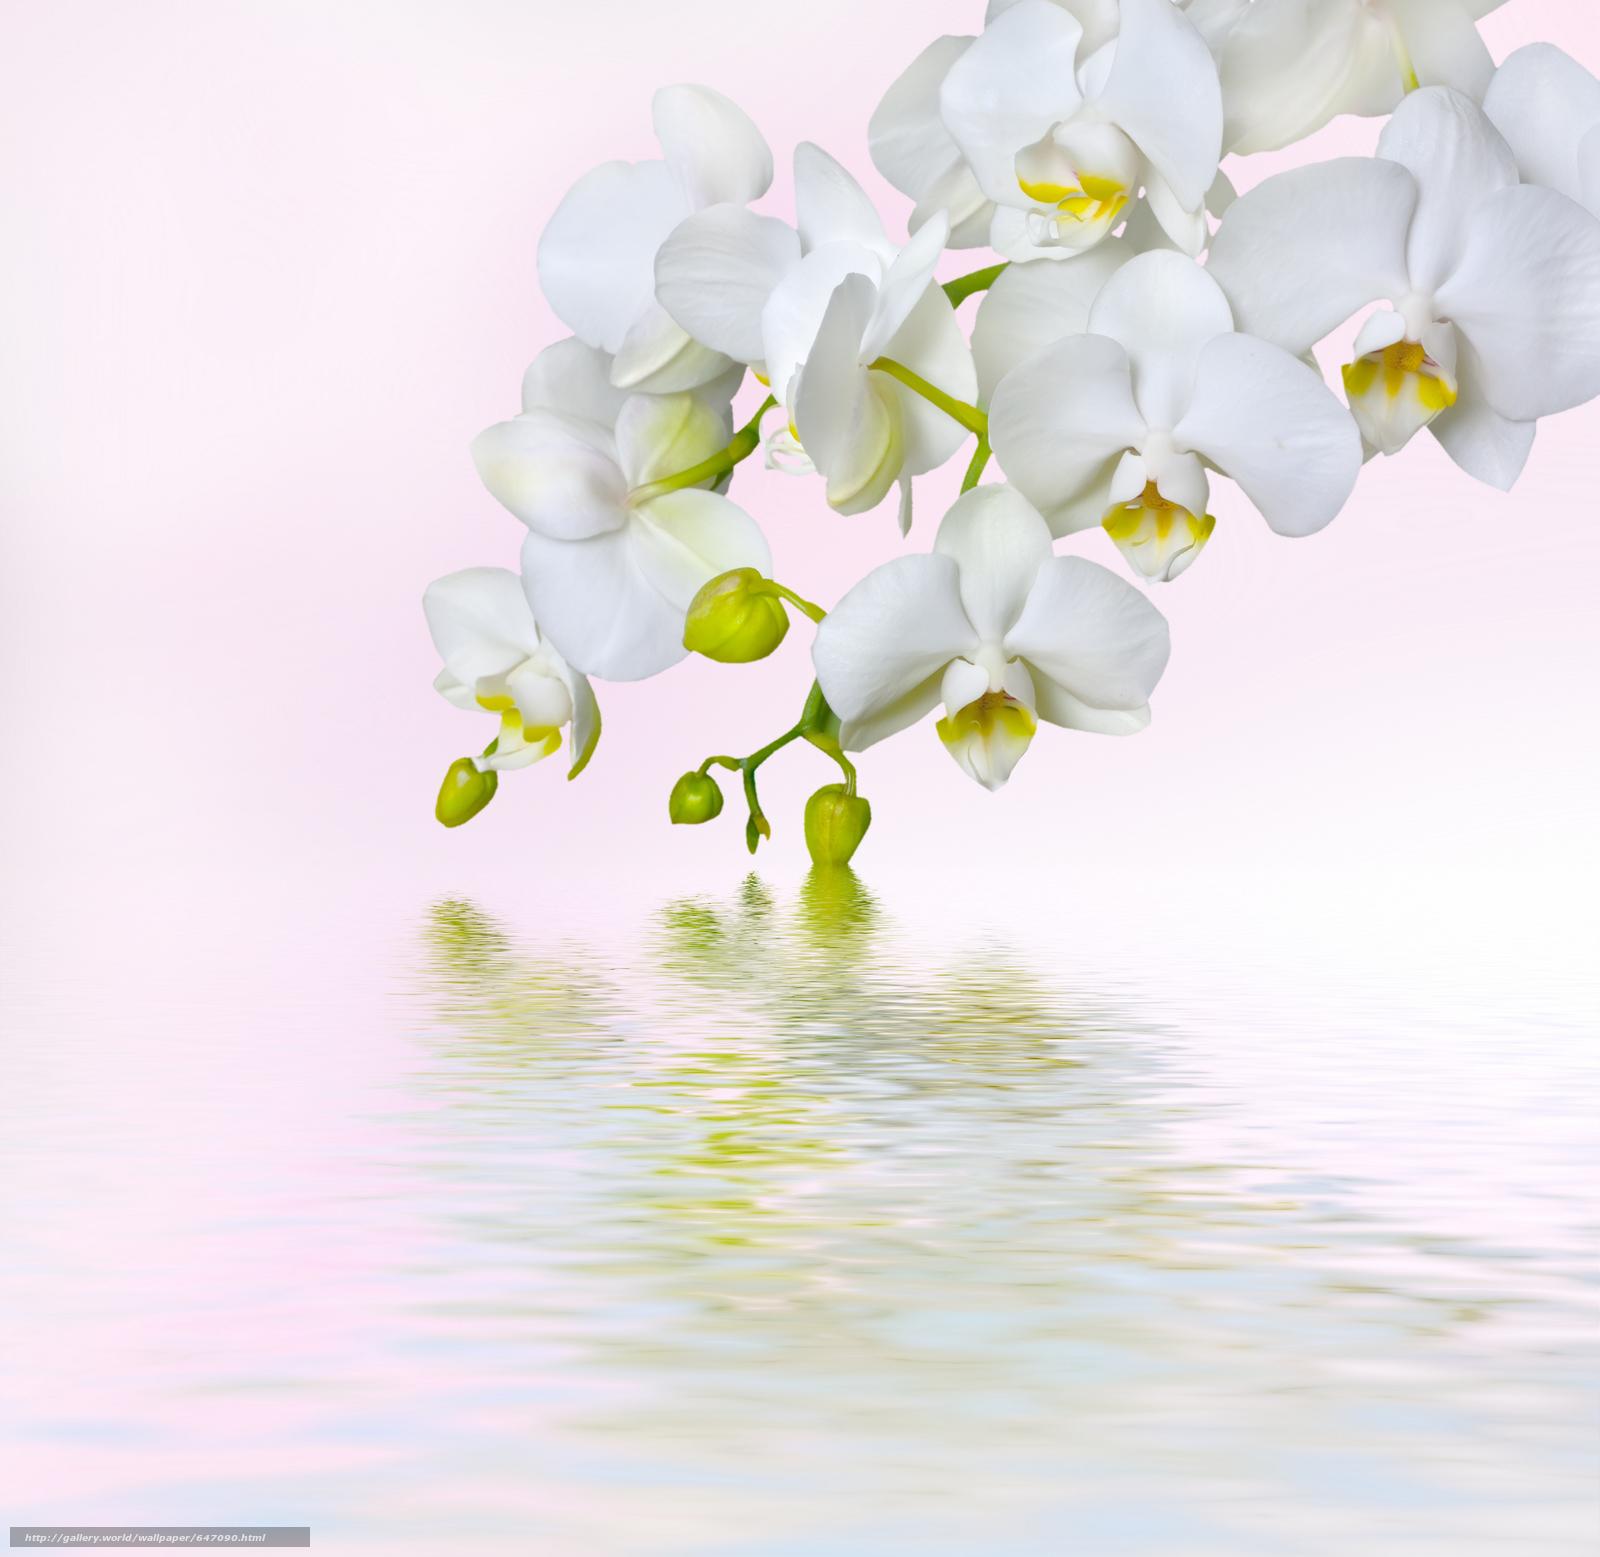 Скачать обои орхидея,  цветок,  флора бесплатно для рабочего стола в разрешении 6144x5978 — картинка №647090